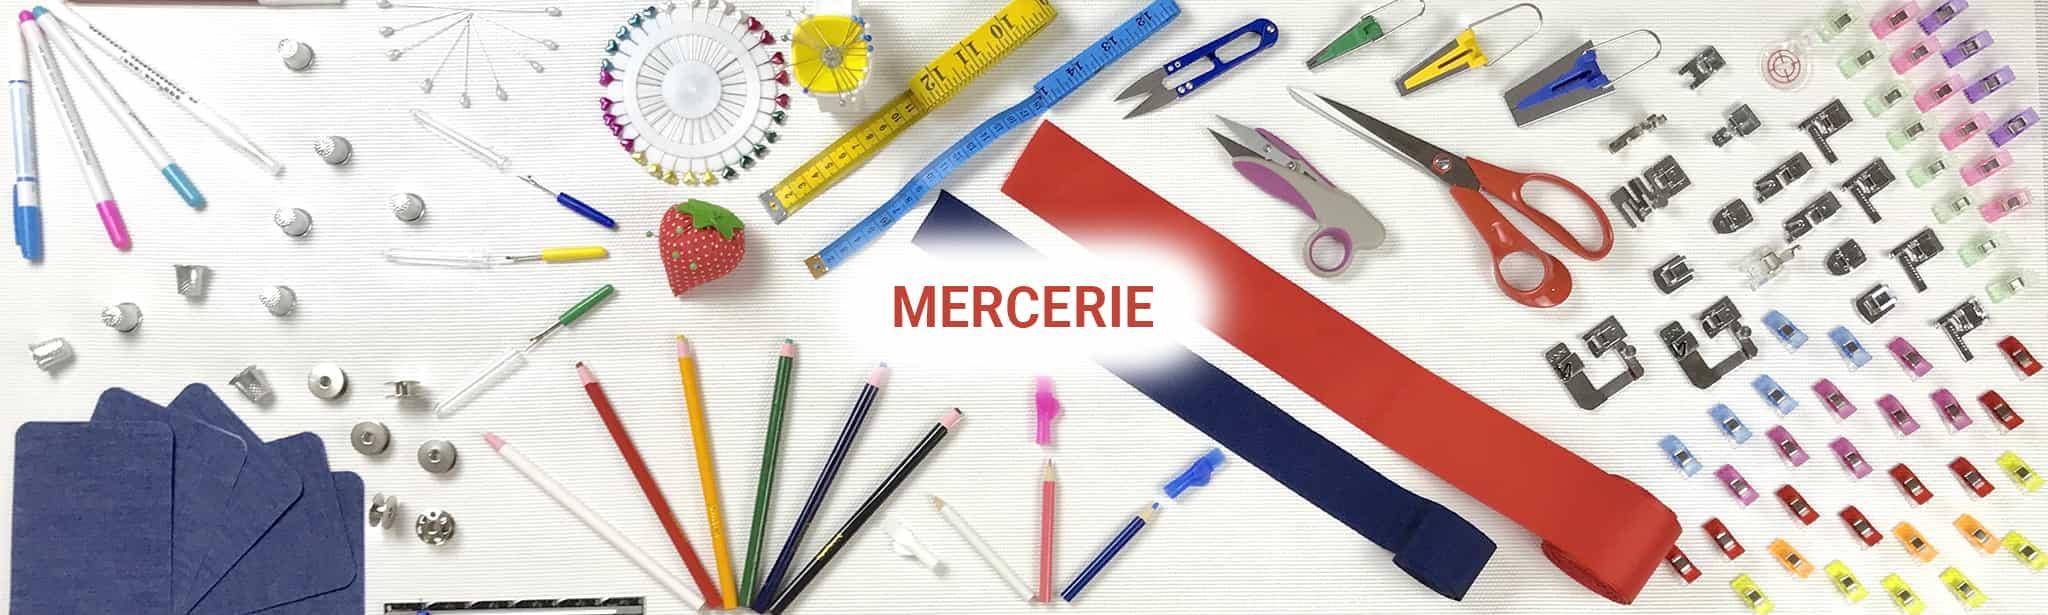 mercerie couture académie